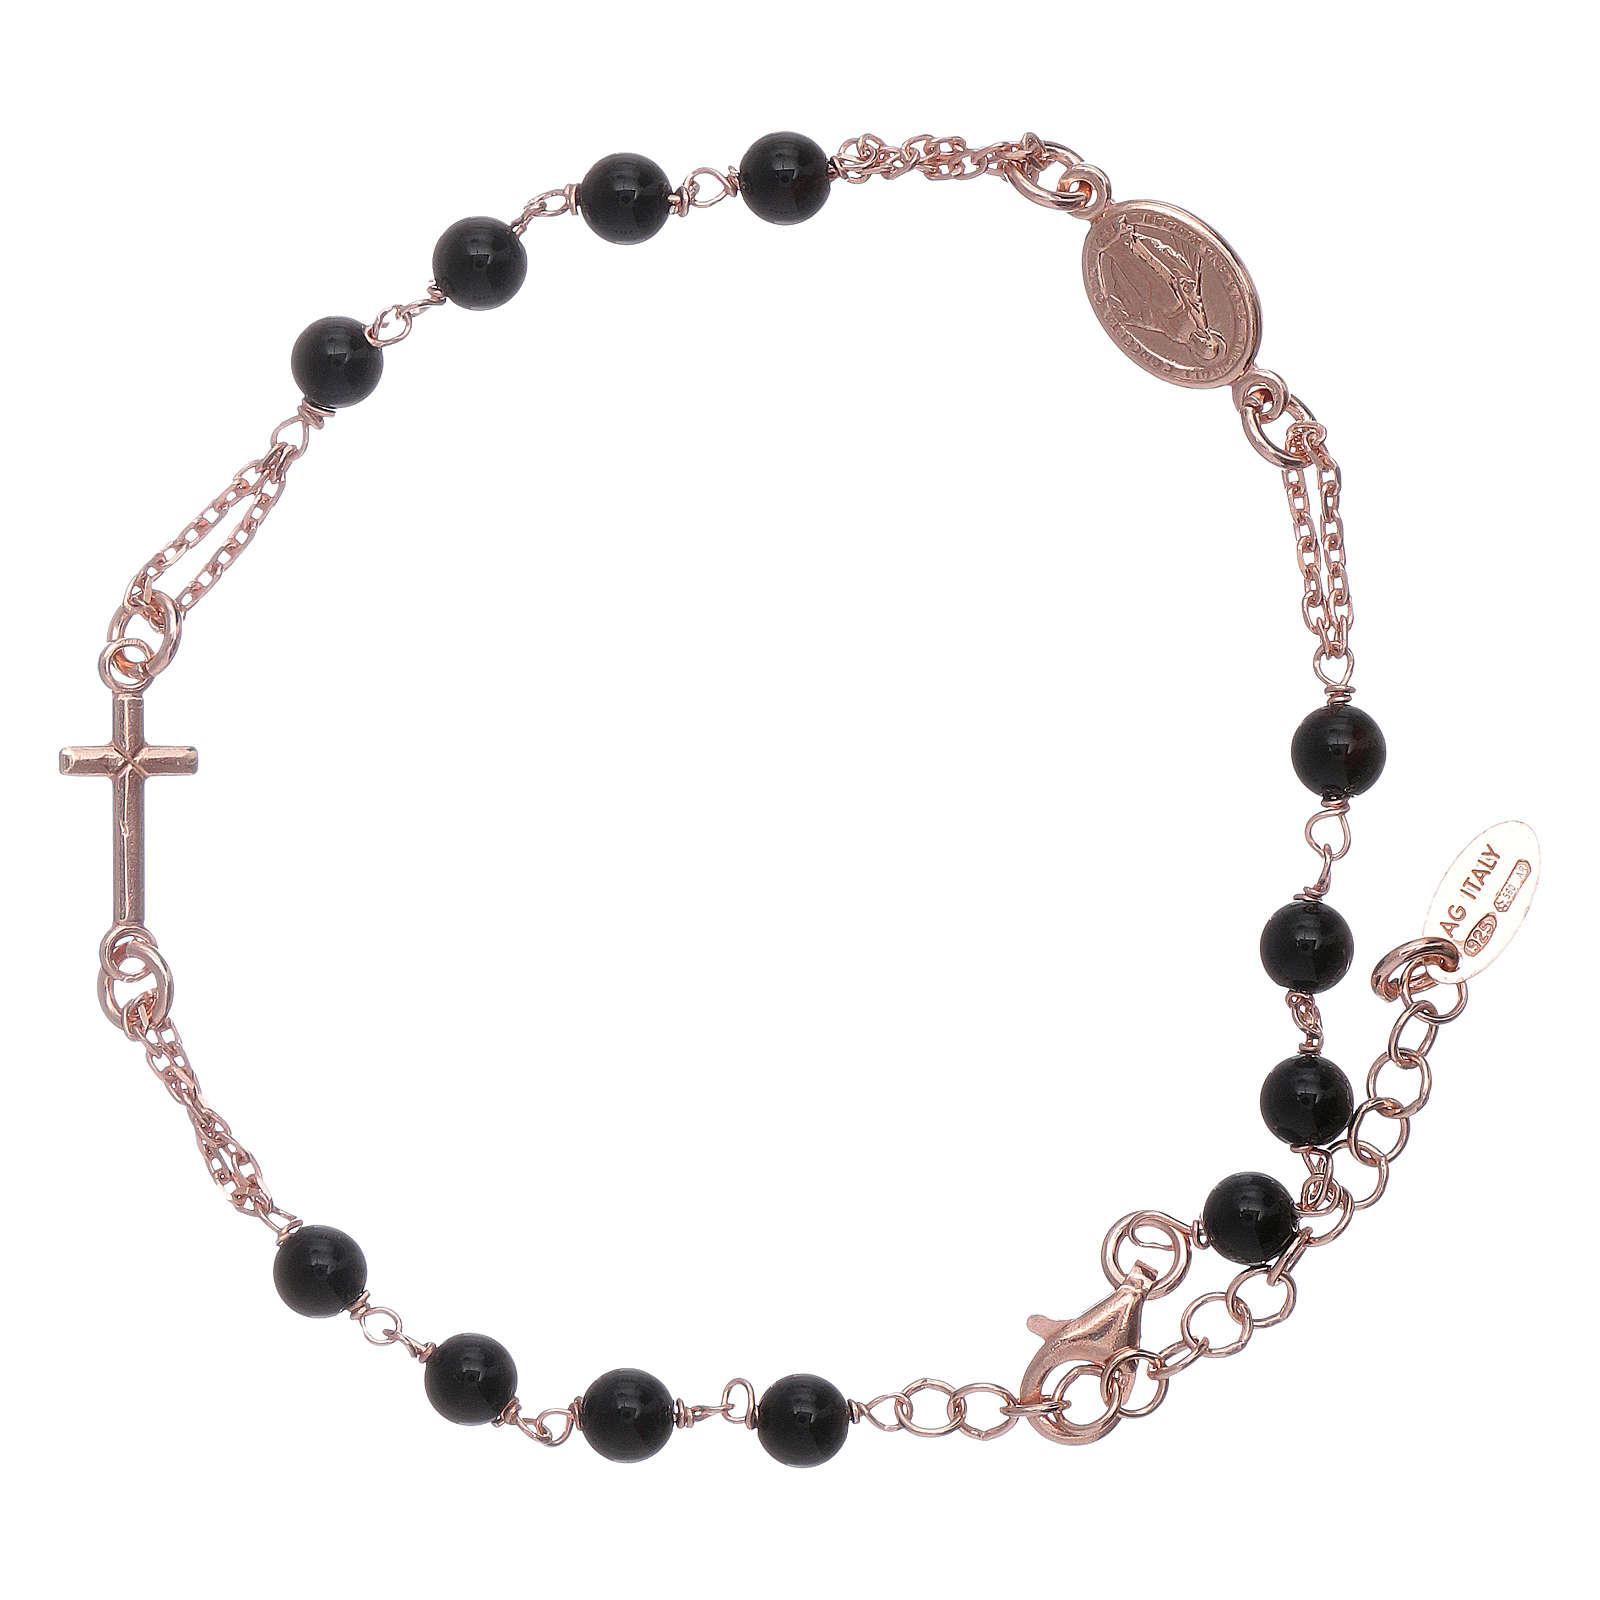 Bracciale arg 925 rosario AMEN perle agata nere 4